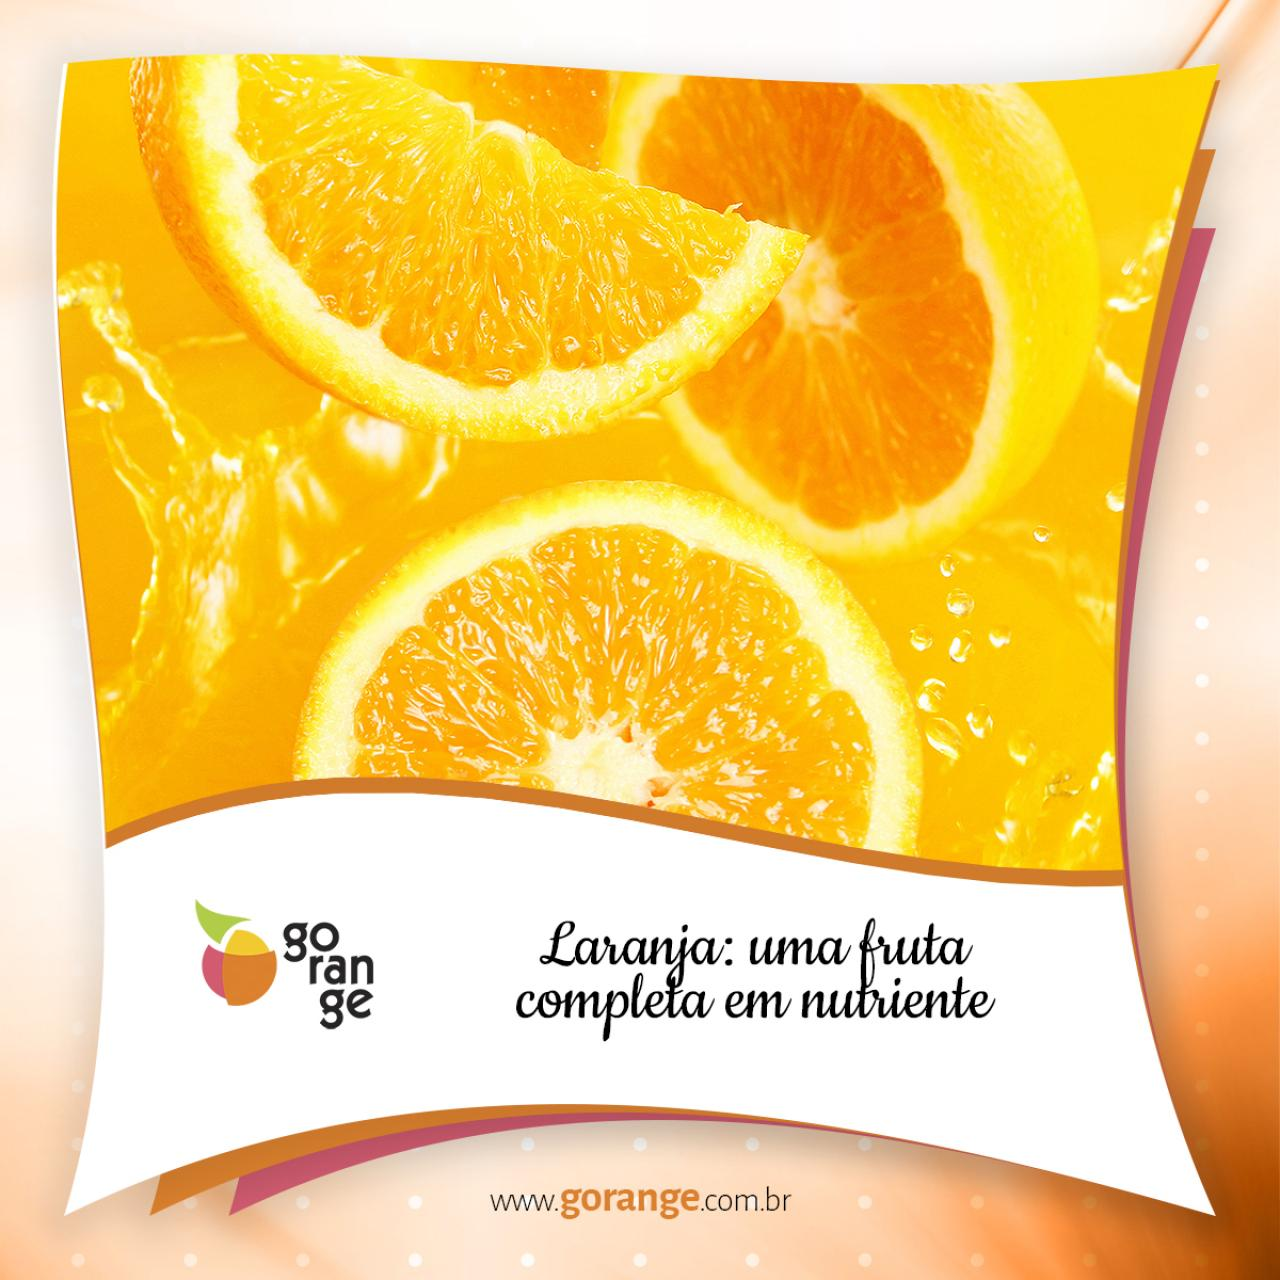 Consumo de laranja